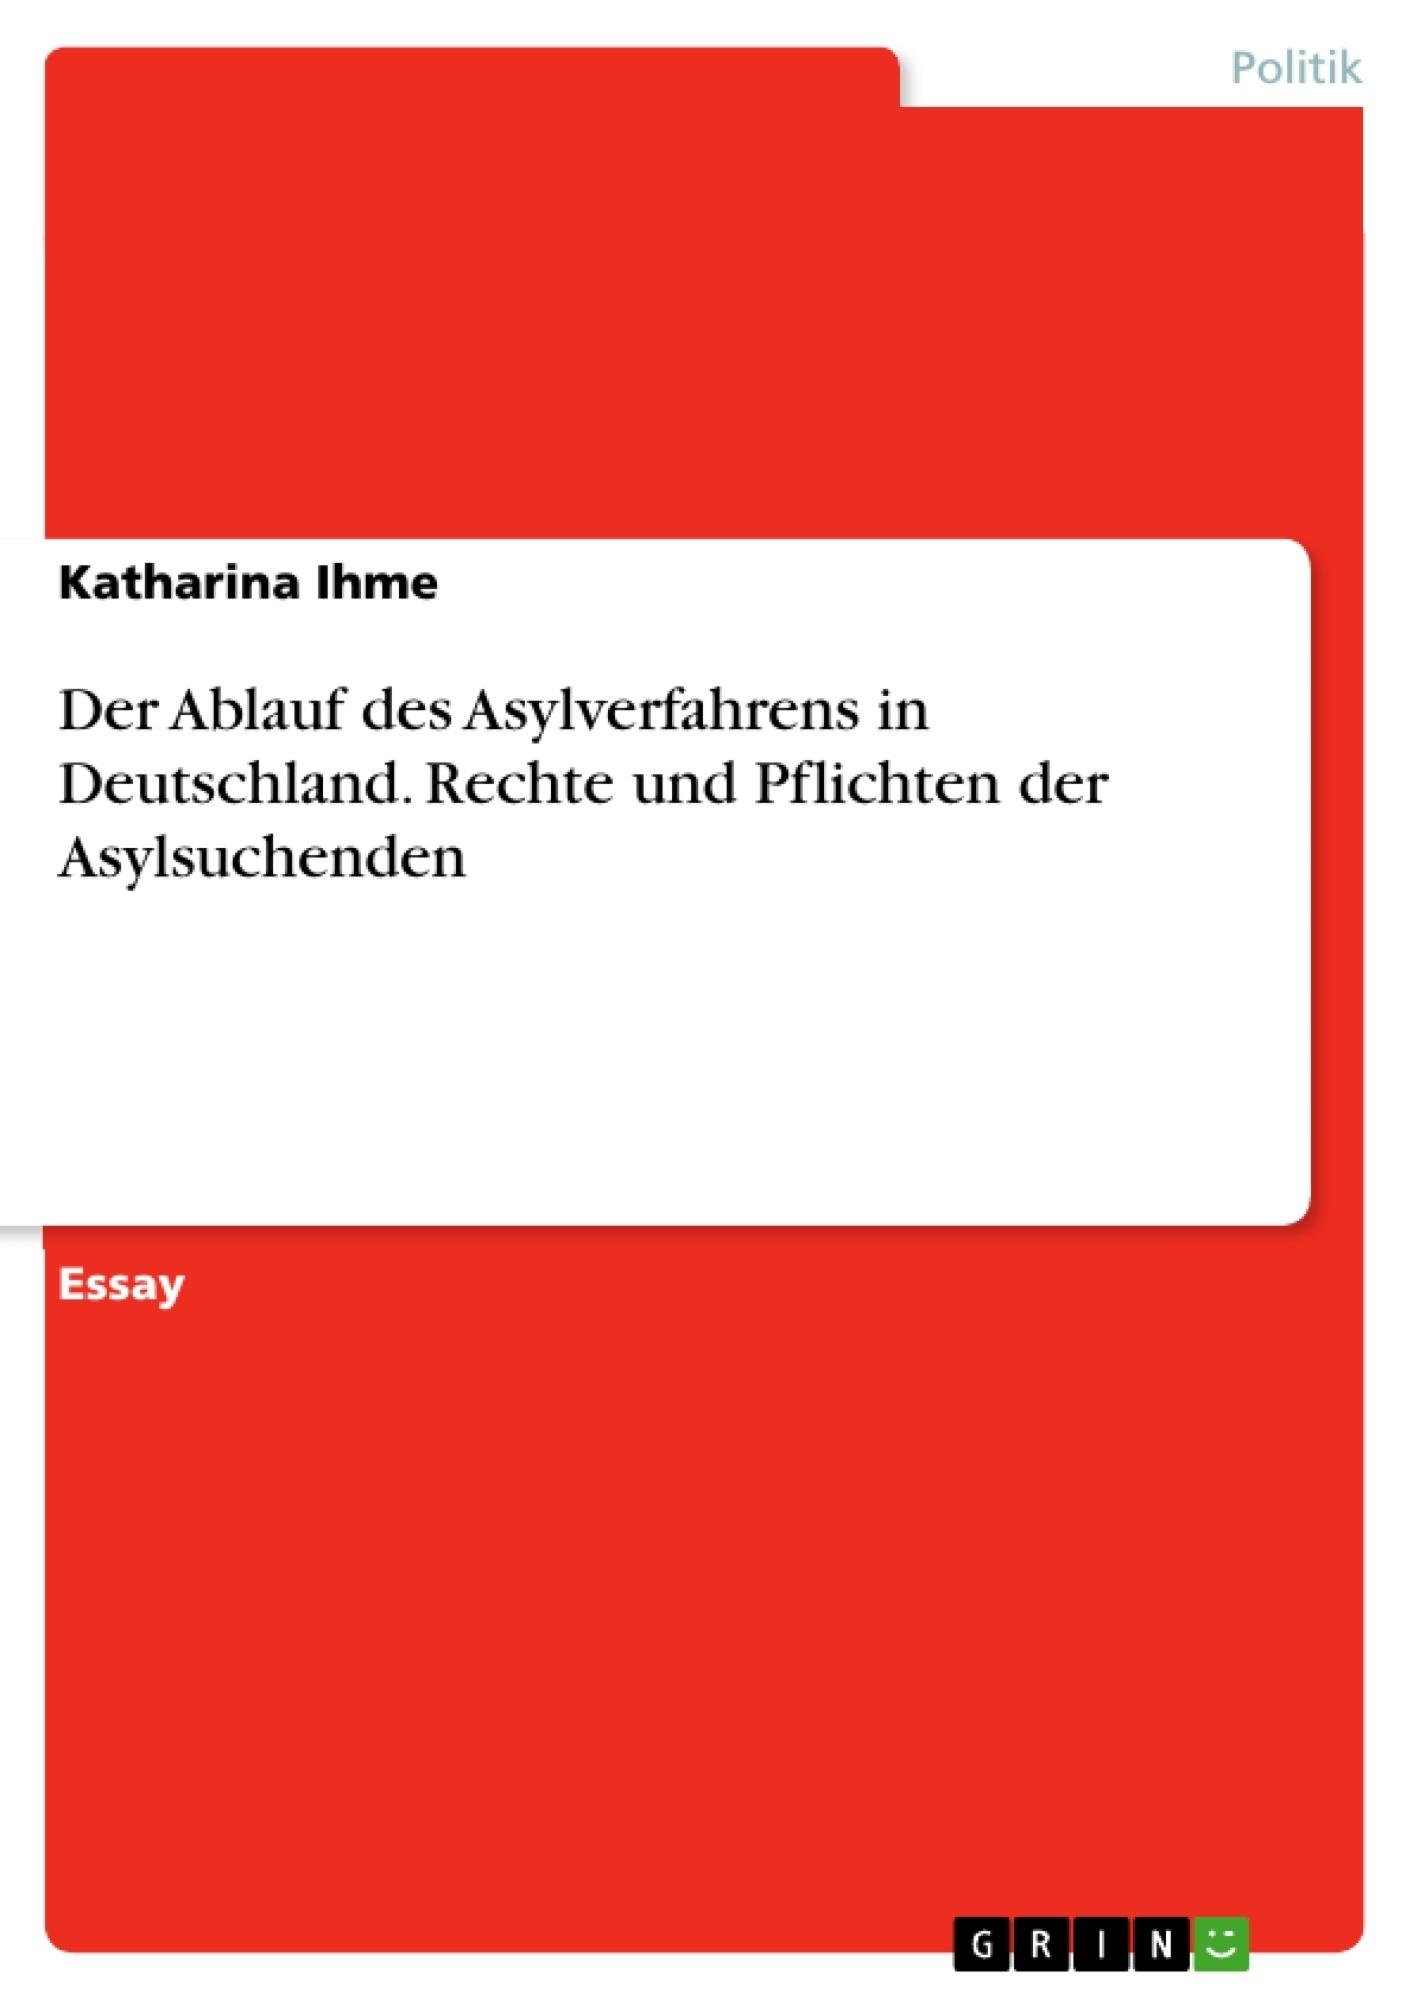 Titel: Der Ablauf des Asylverfahrens in Deutschland. Rechte und Pflichten der Asylsuchenden